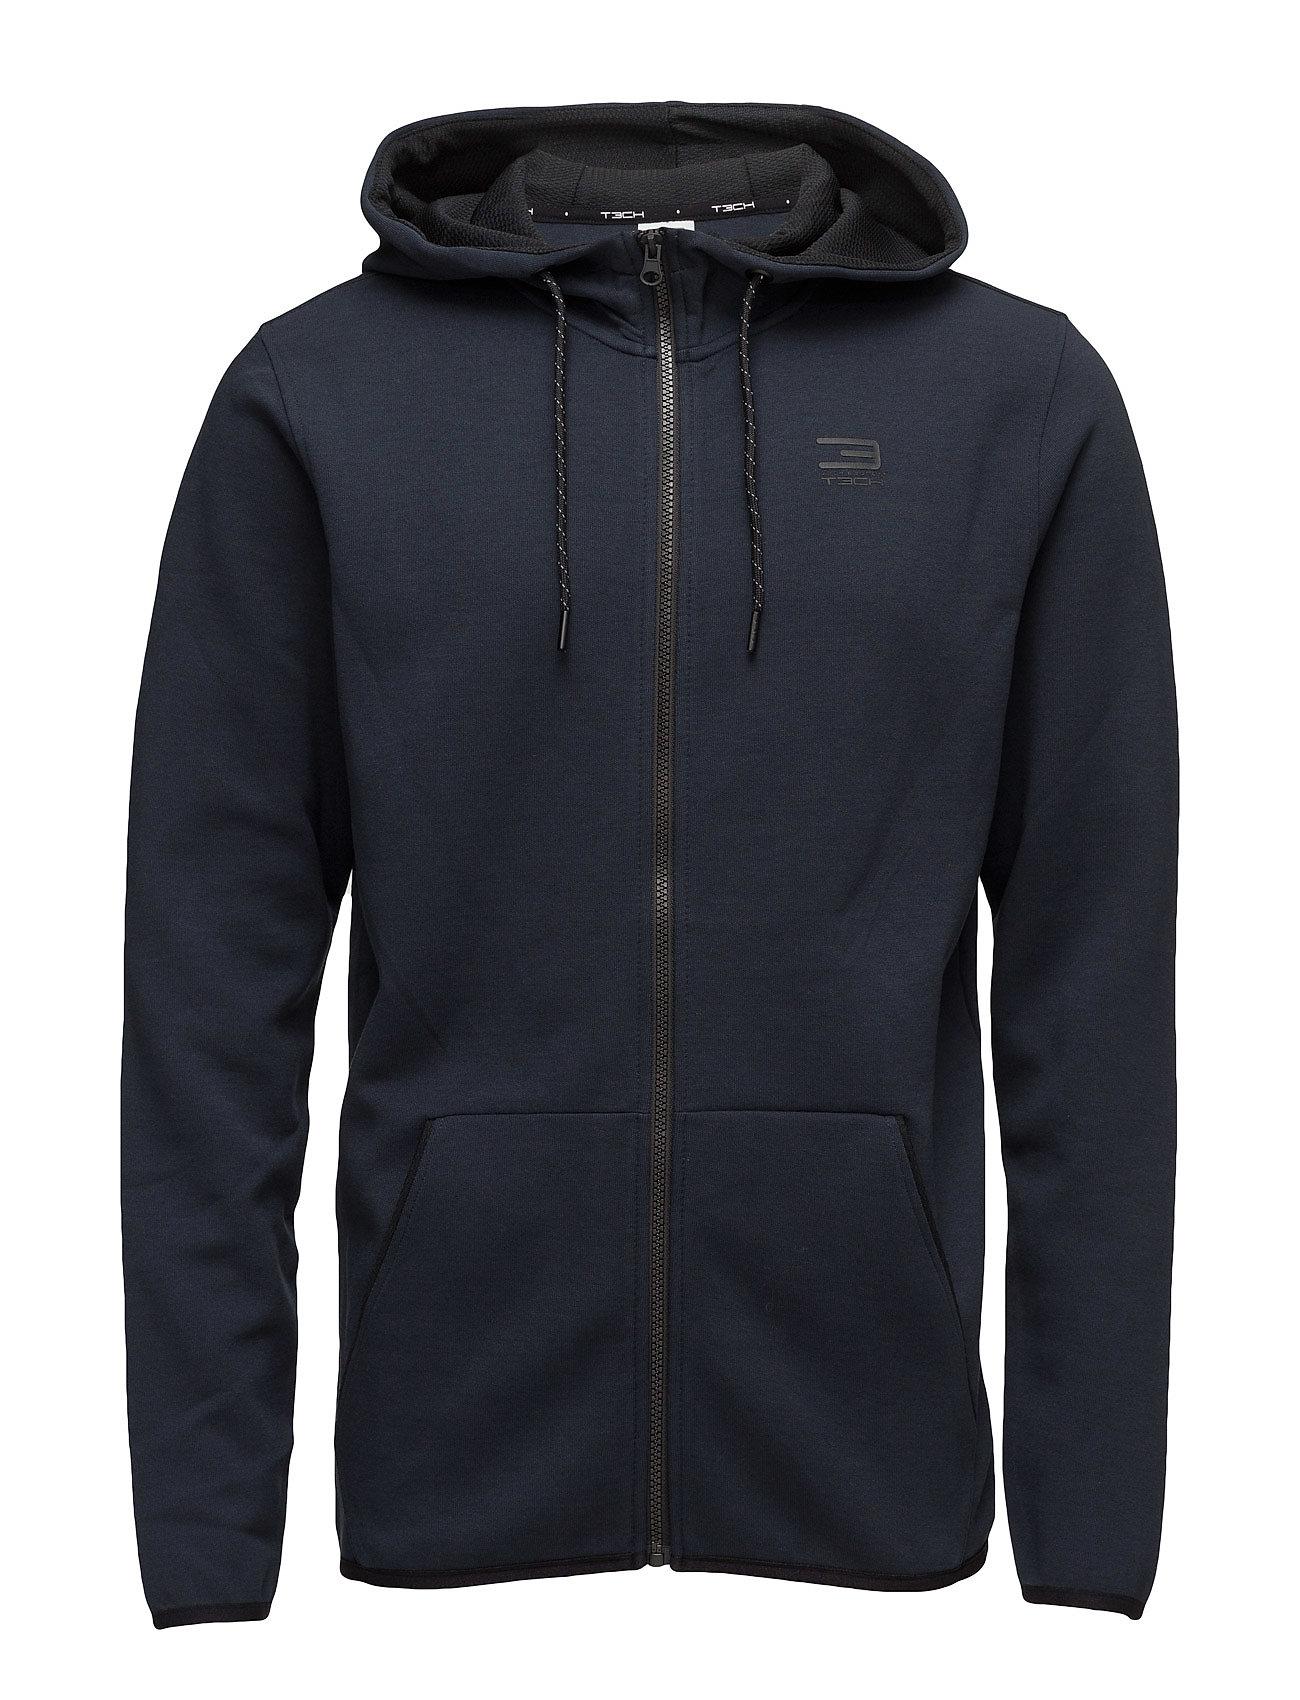 Jjtnordic Sweat Zip Hood Noos Jack & Jones Tech Hættetrøjer til Herrer i Navy Blazer